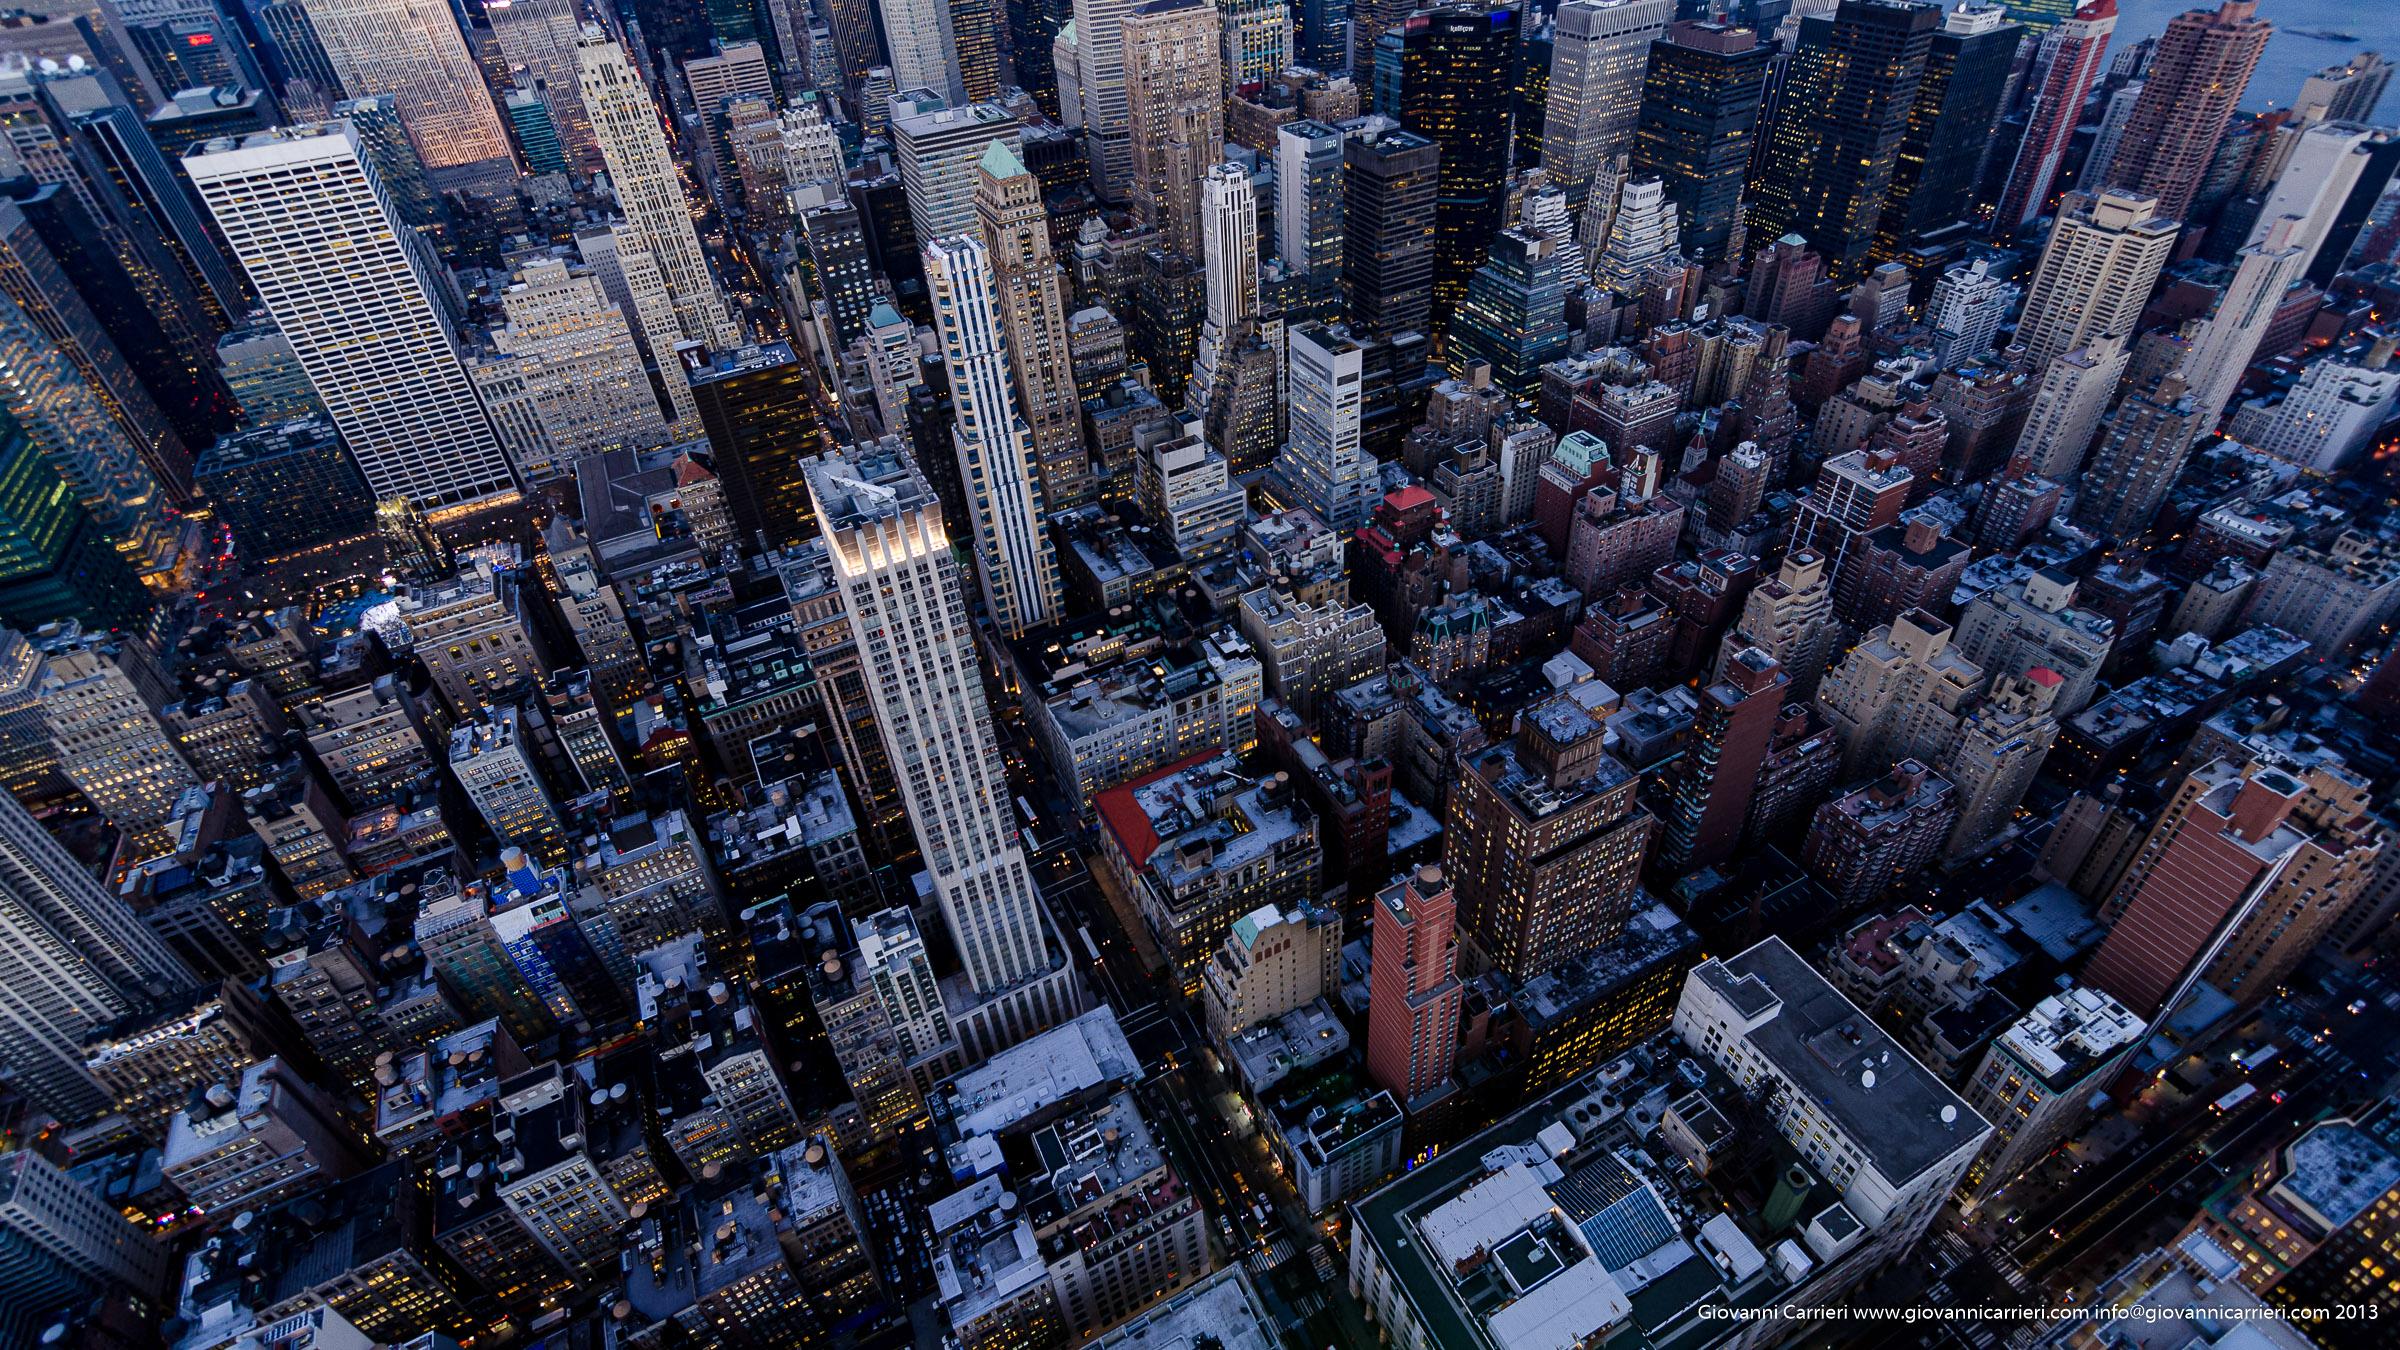 La 5a avenue vista dall'87 piano dell'Empire State Building